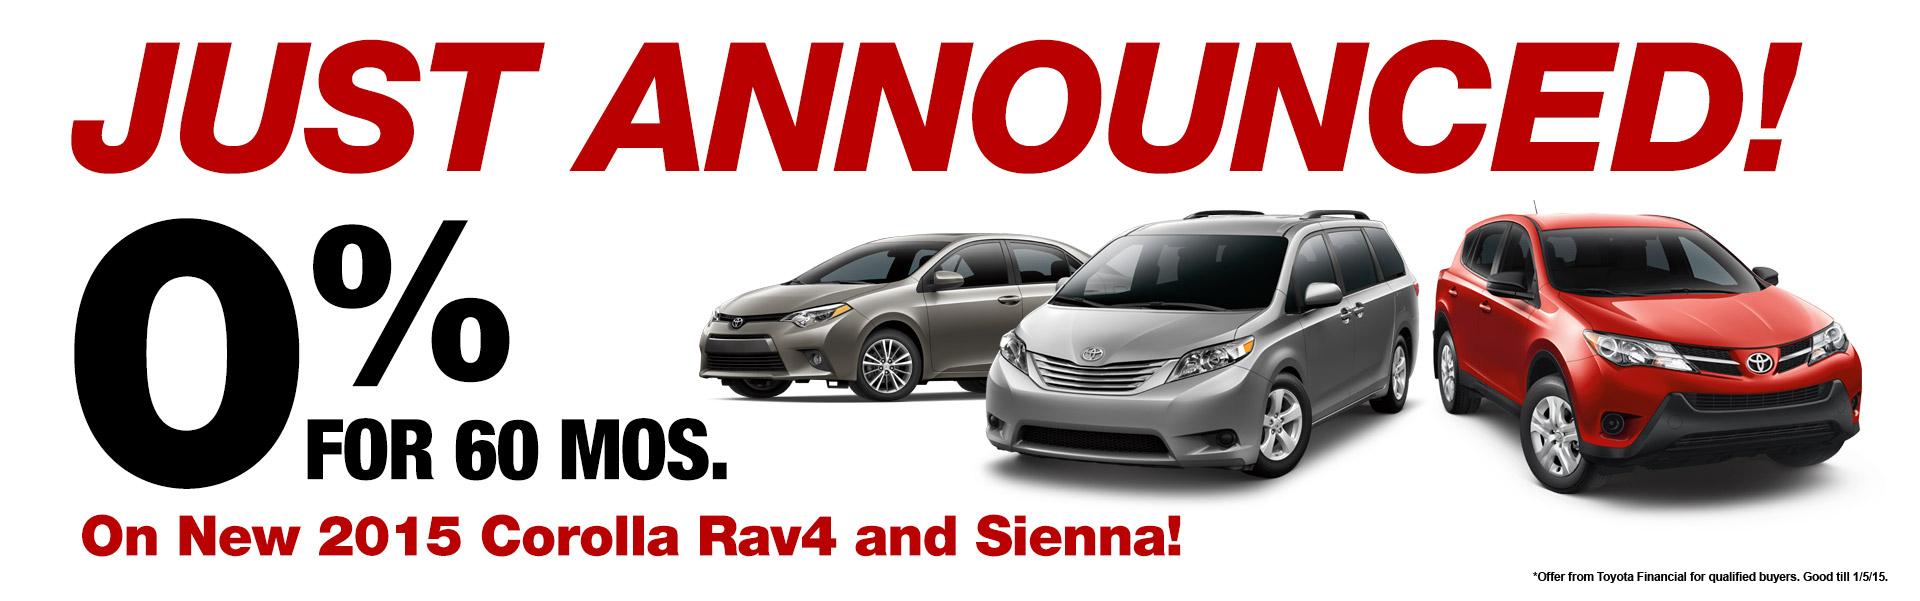 2015 Corolla Rav4 & Sienna